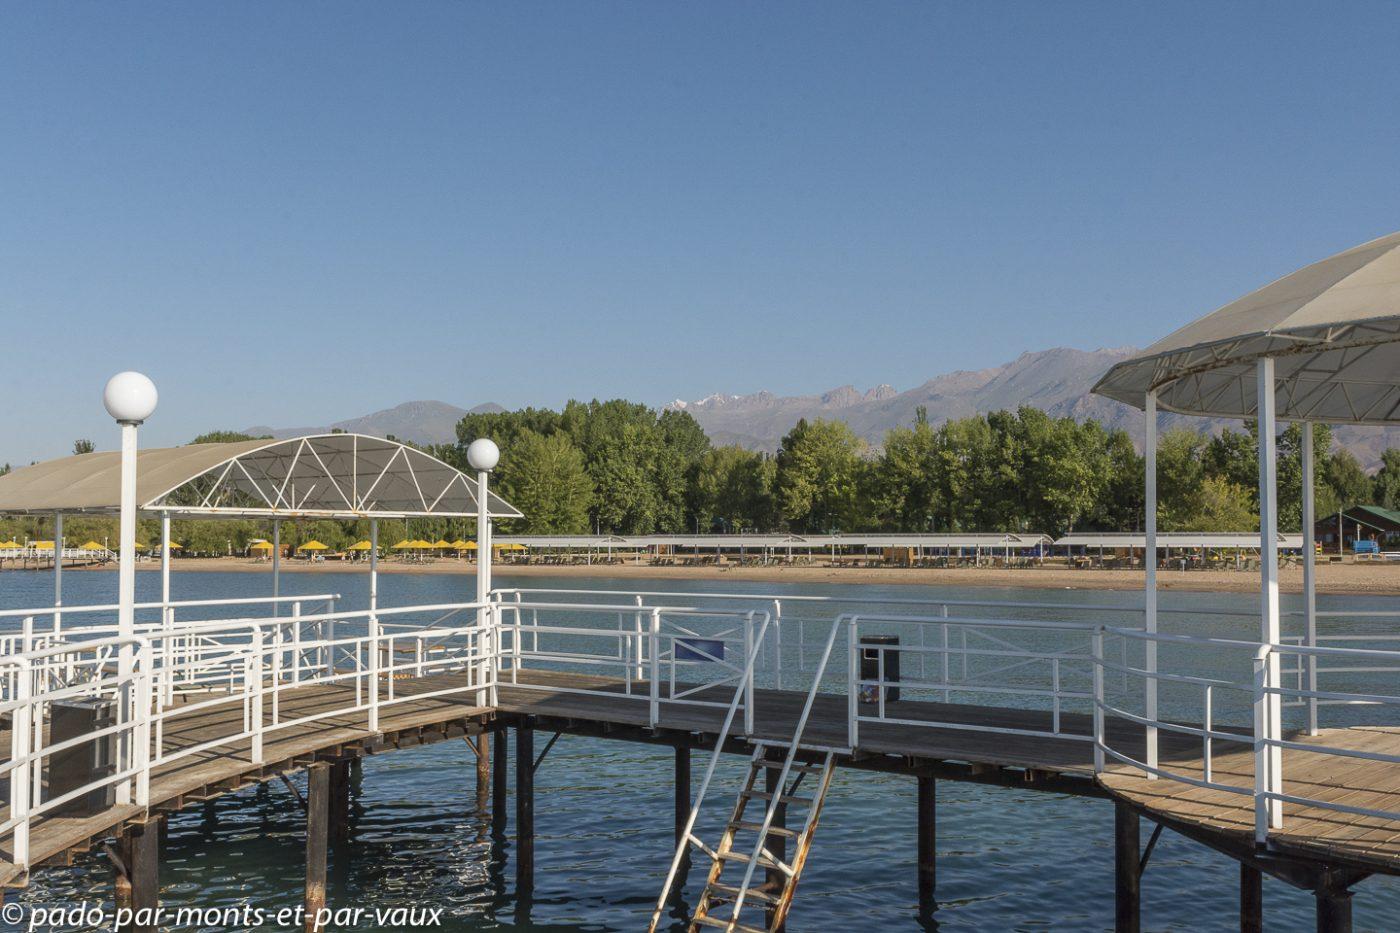 Hôtel Raduga - lac Issyk-Koul